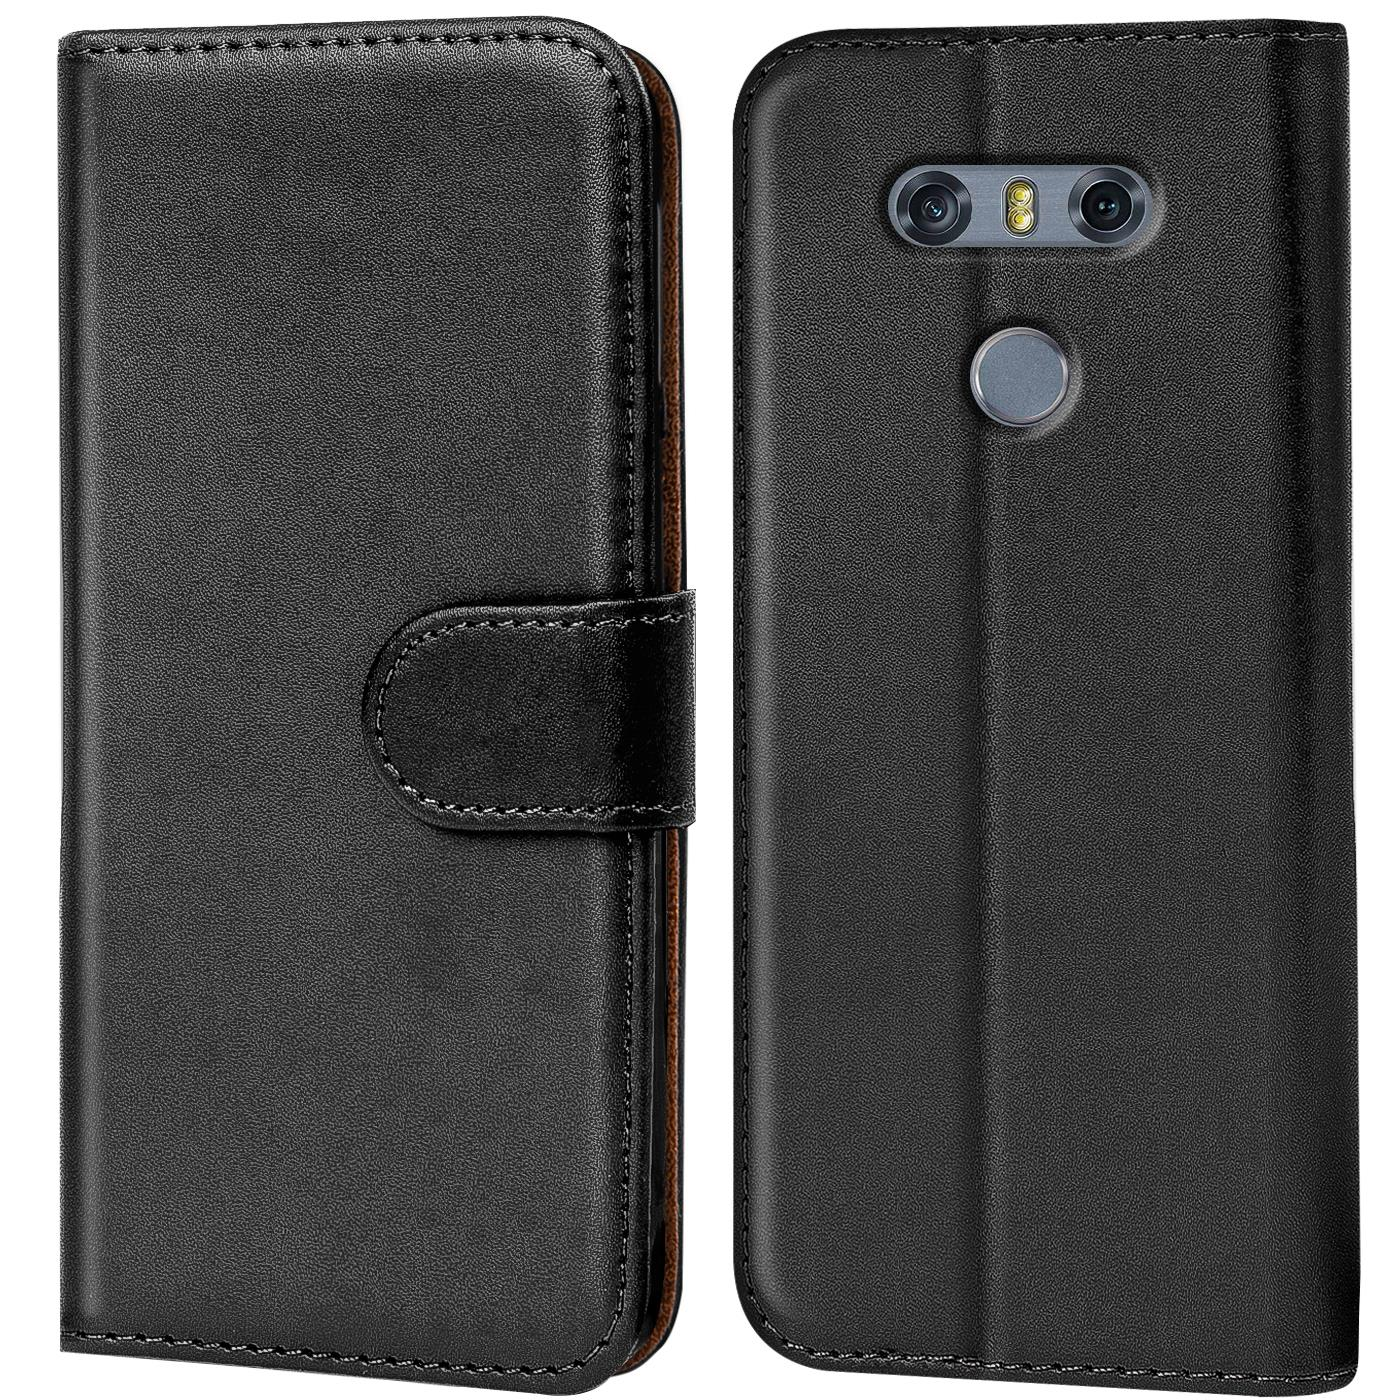 Handy Flip Case für LG Cover Tasche Hülle Schutzhülle Etui Bumper Book Slim